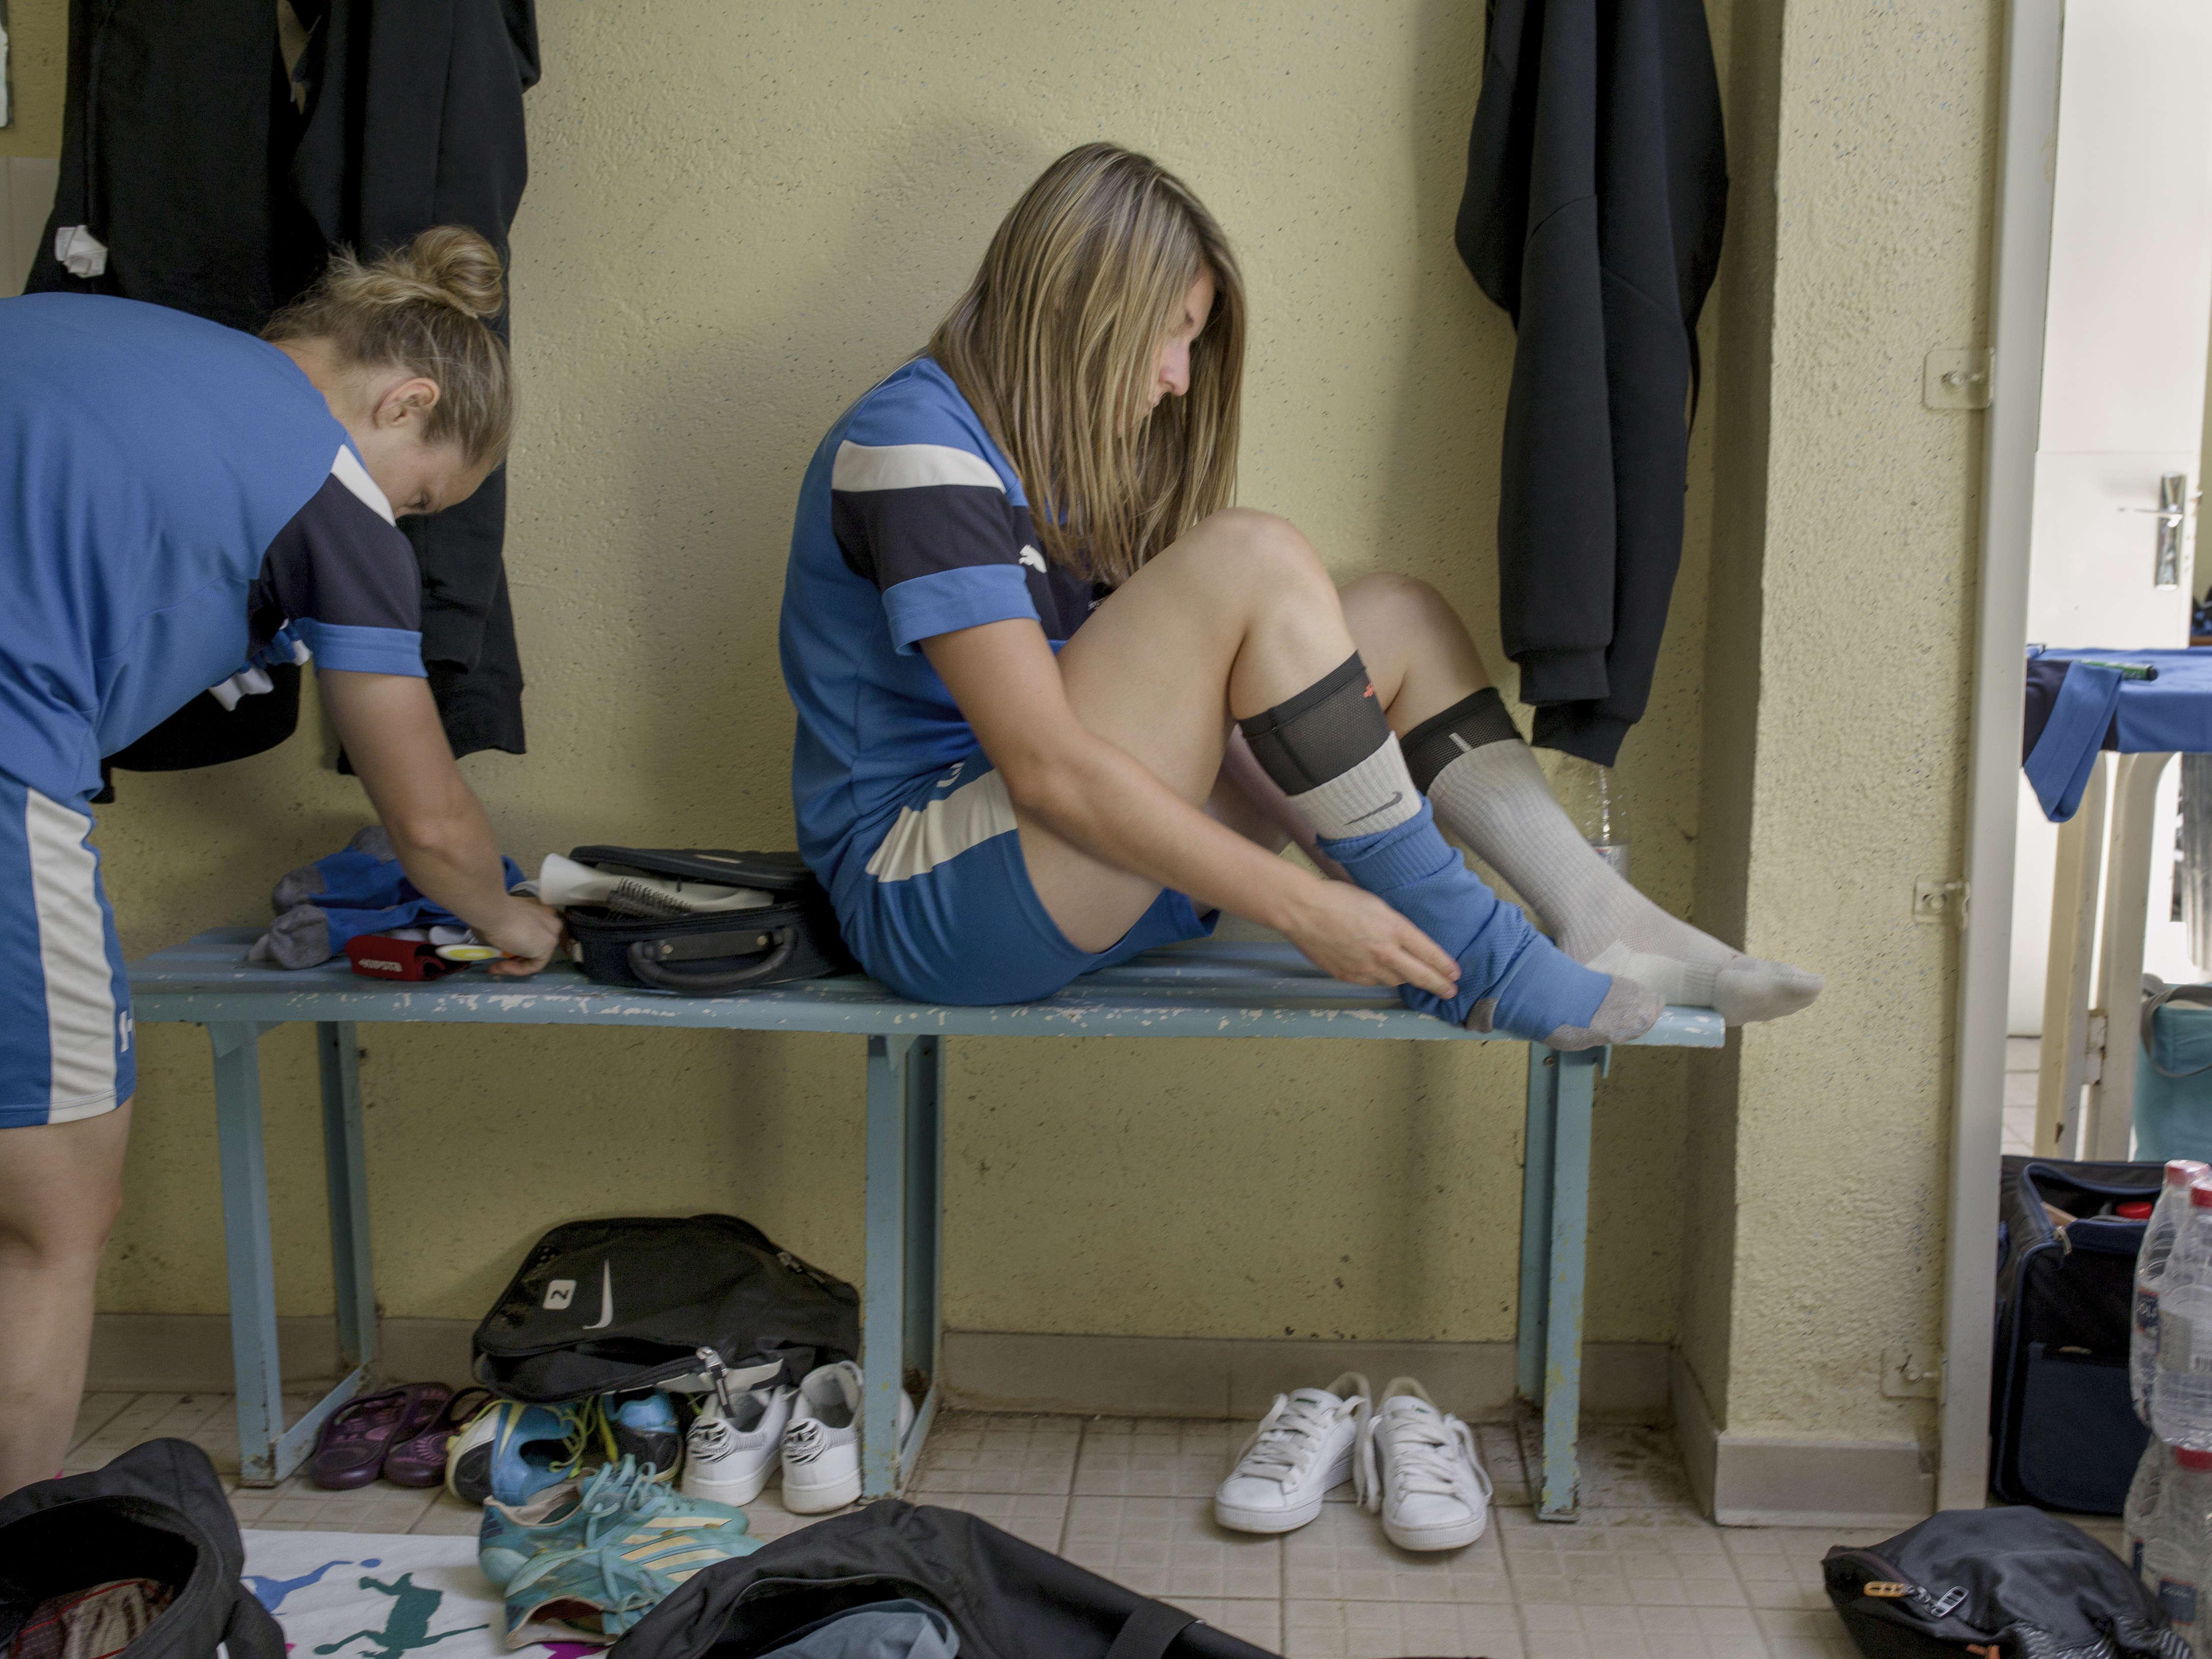 Dans les vestiaires de Soyaux avant le match.   Match de Première division de football féminin  (D1 féminine) entre ASJ Soyaux Charente et l'ASPTT Albi au stade Léo Lagrange à Soyaux